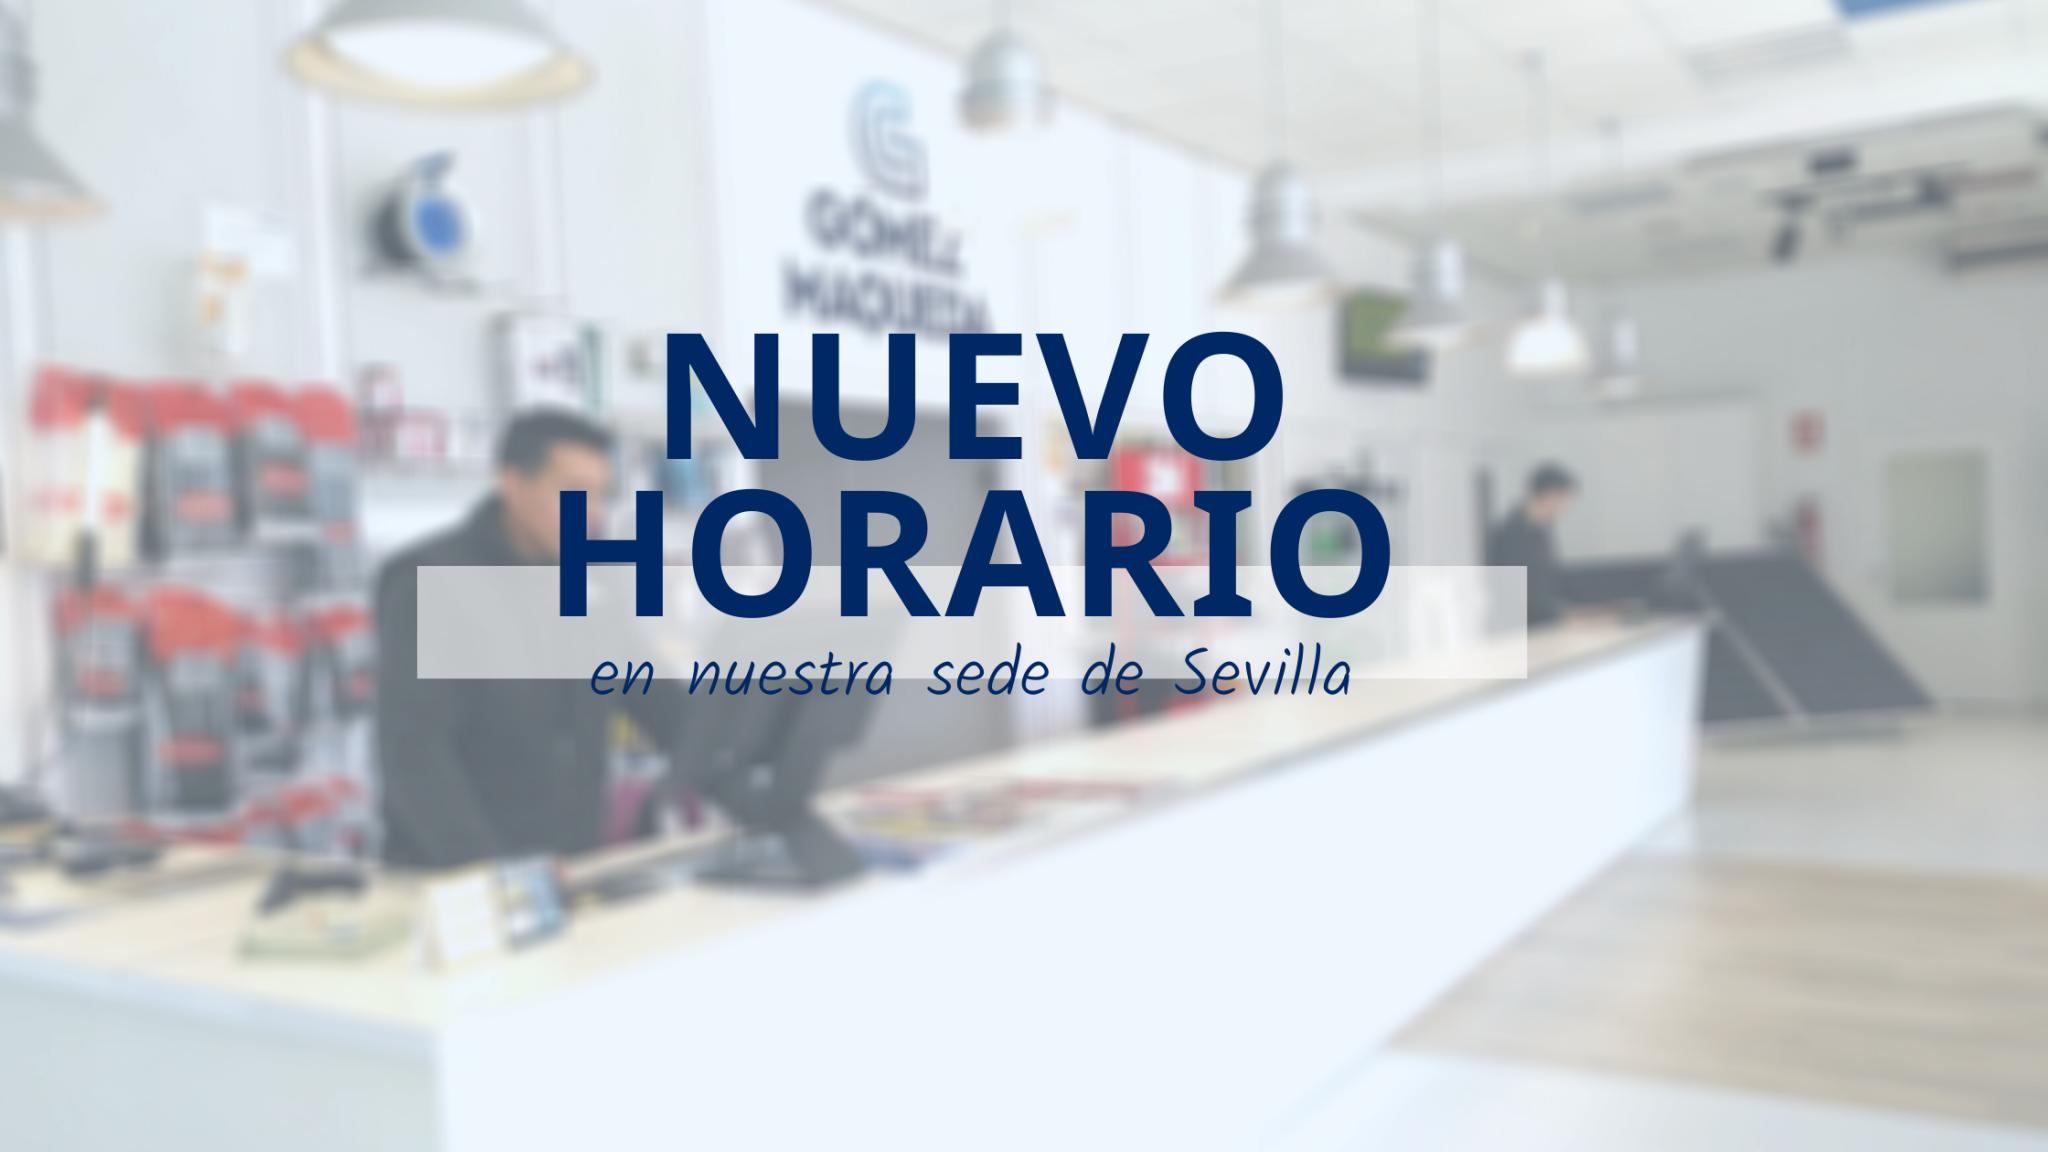 NUEVO HORARIO DE ATENCIÓN EN TIENDA EN SEVILLA